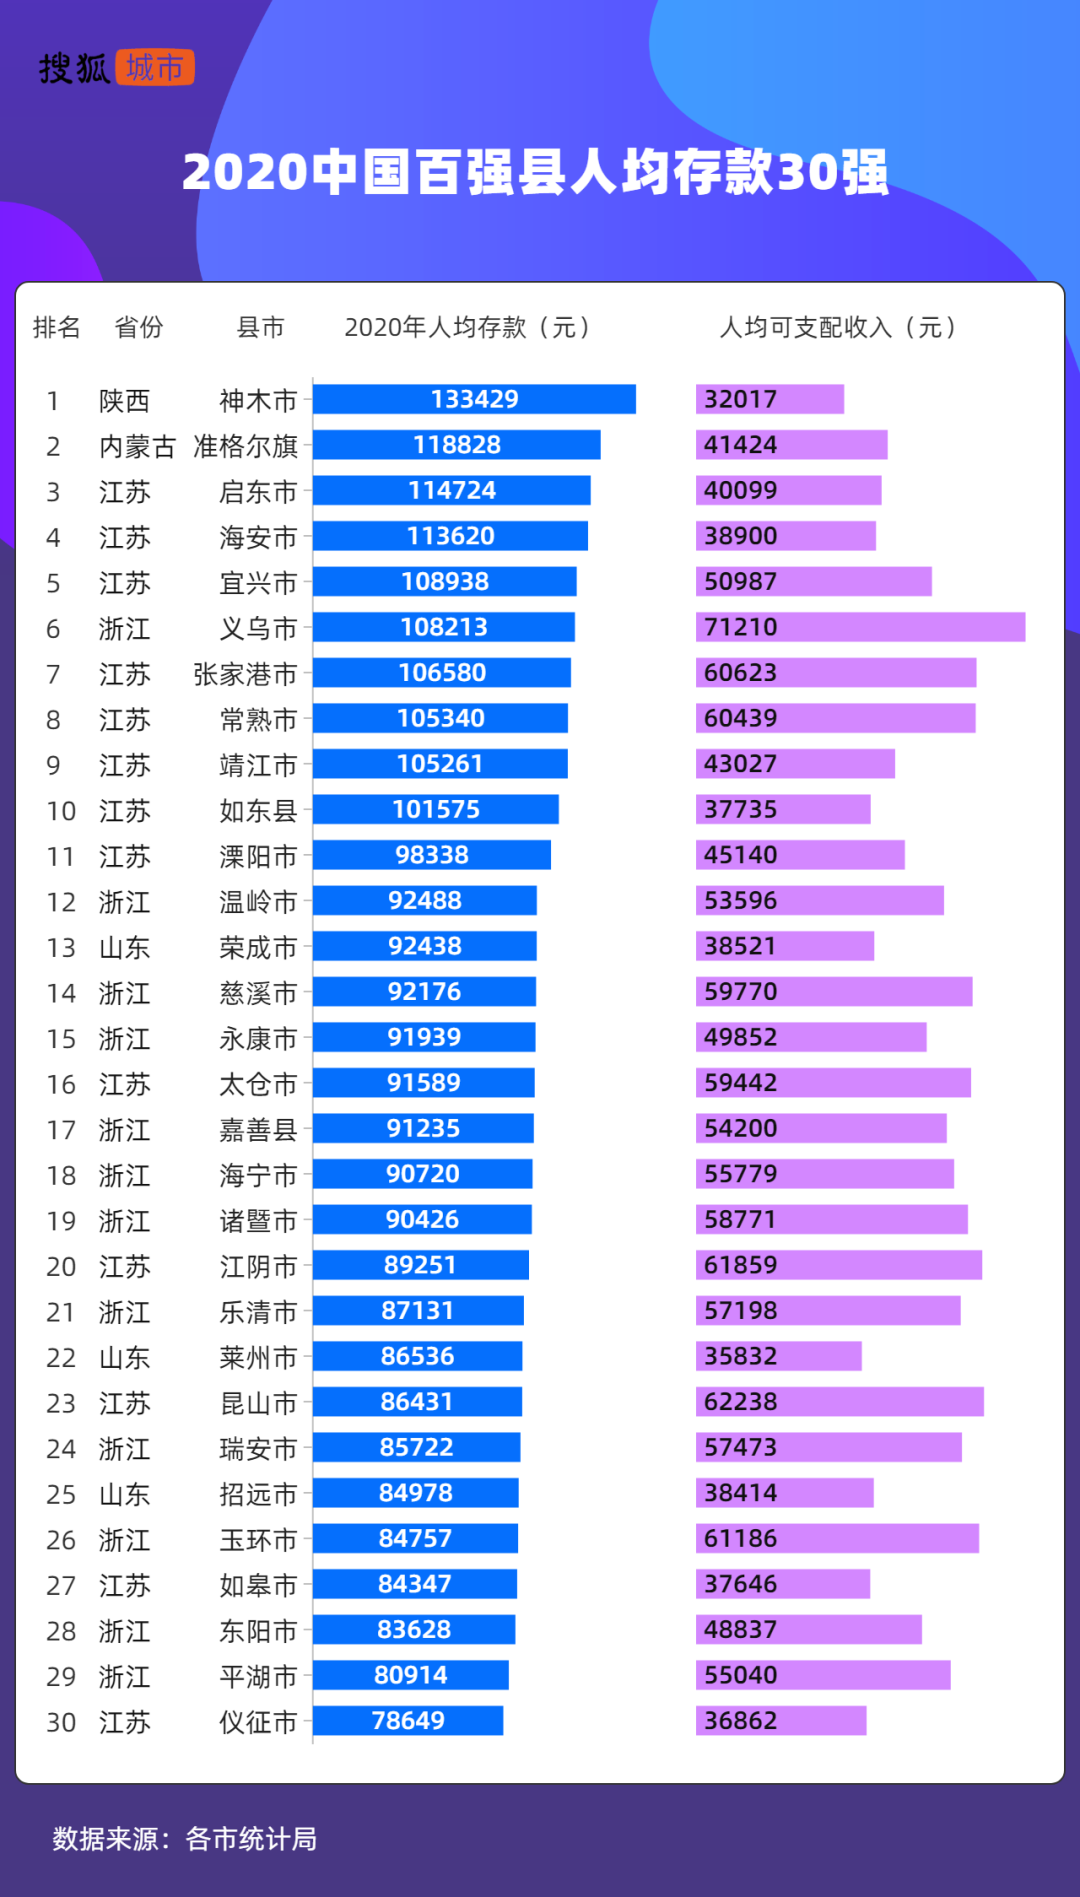 北京各区人均gdp_全国城市人均GDP:深圳第七,无锡第二,北京第三,这地全国第一